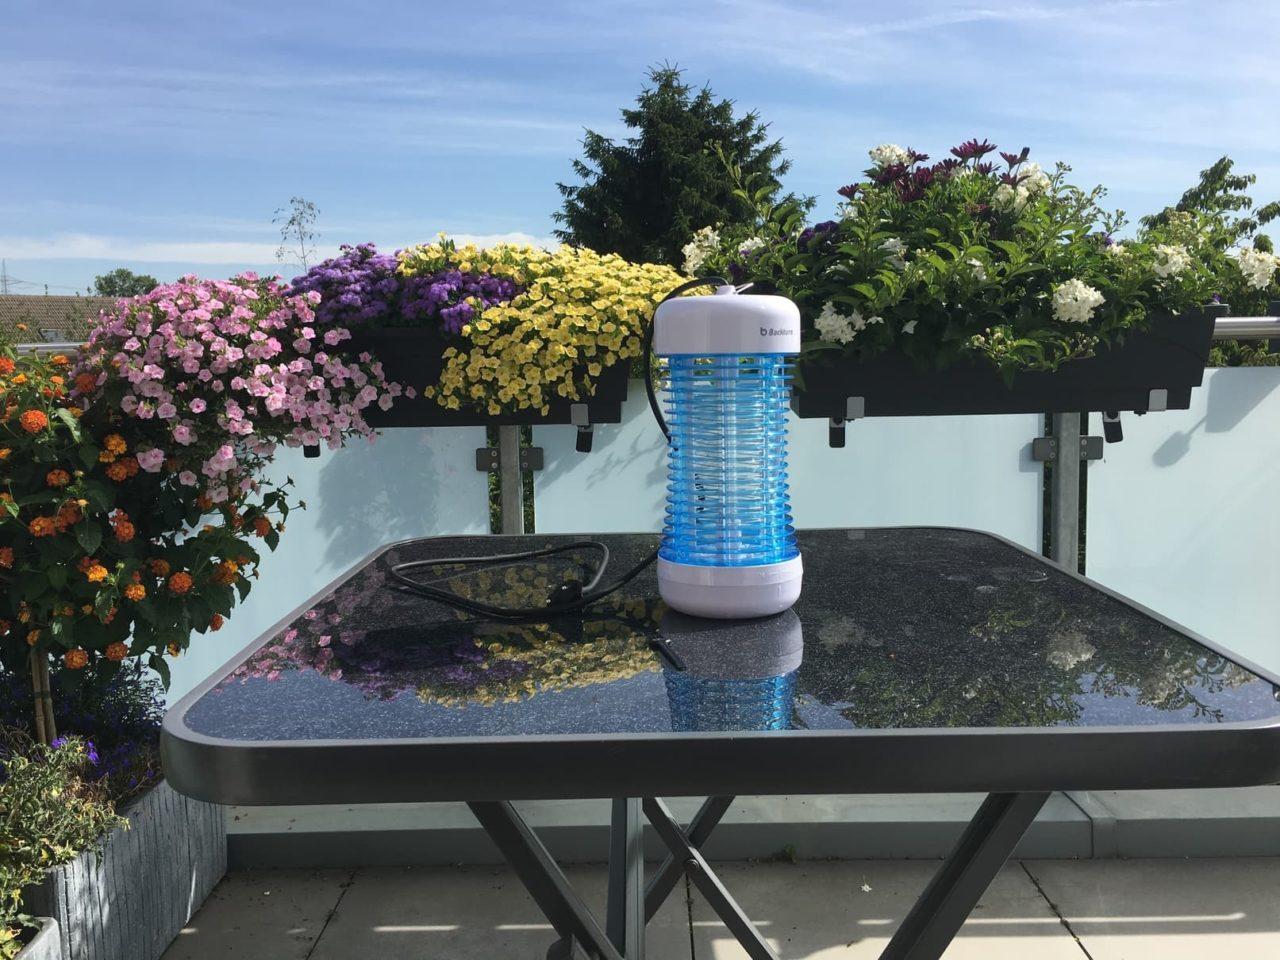 Elektrischer Insektenvernichter Test: Backture Mückenfalle 1